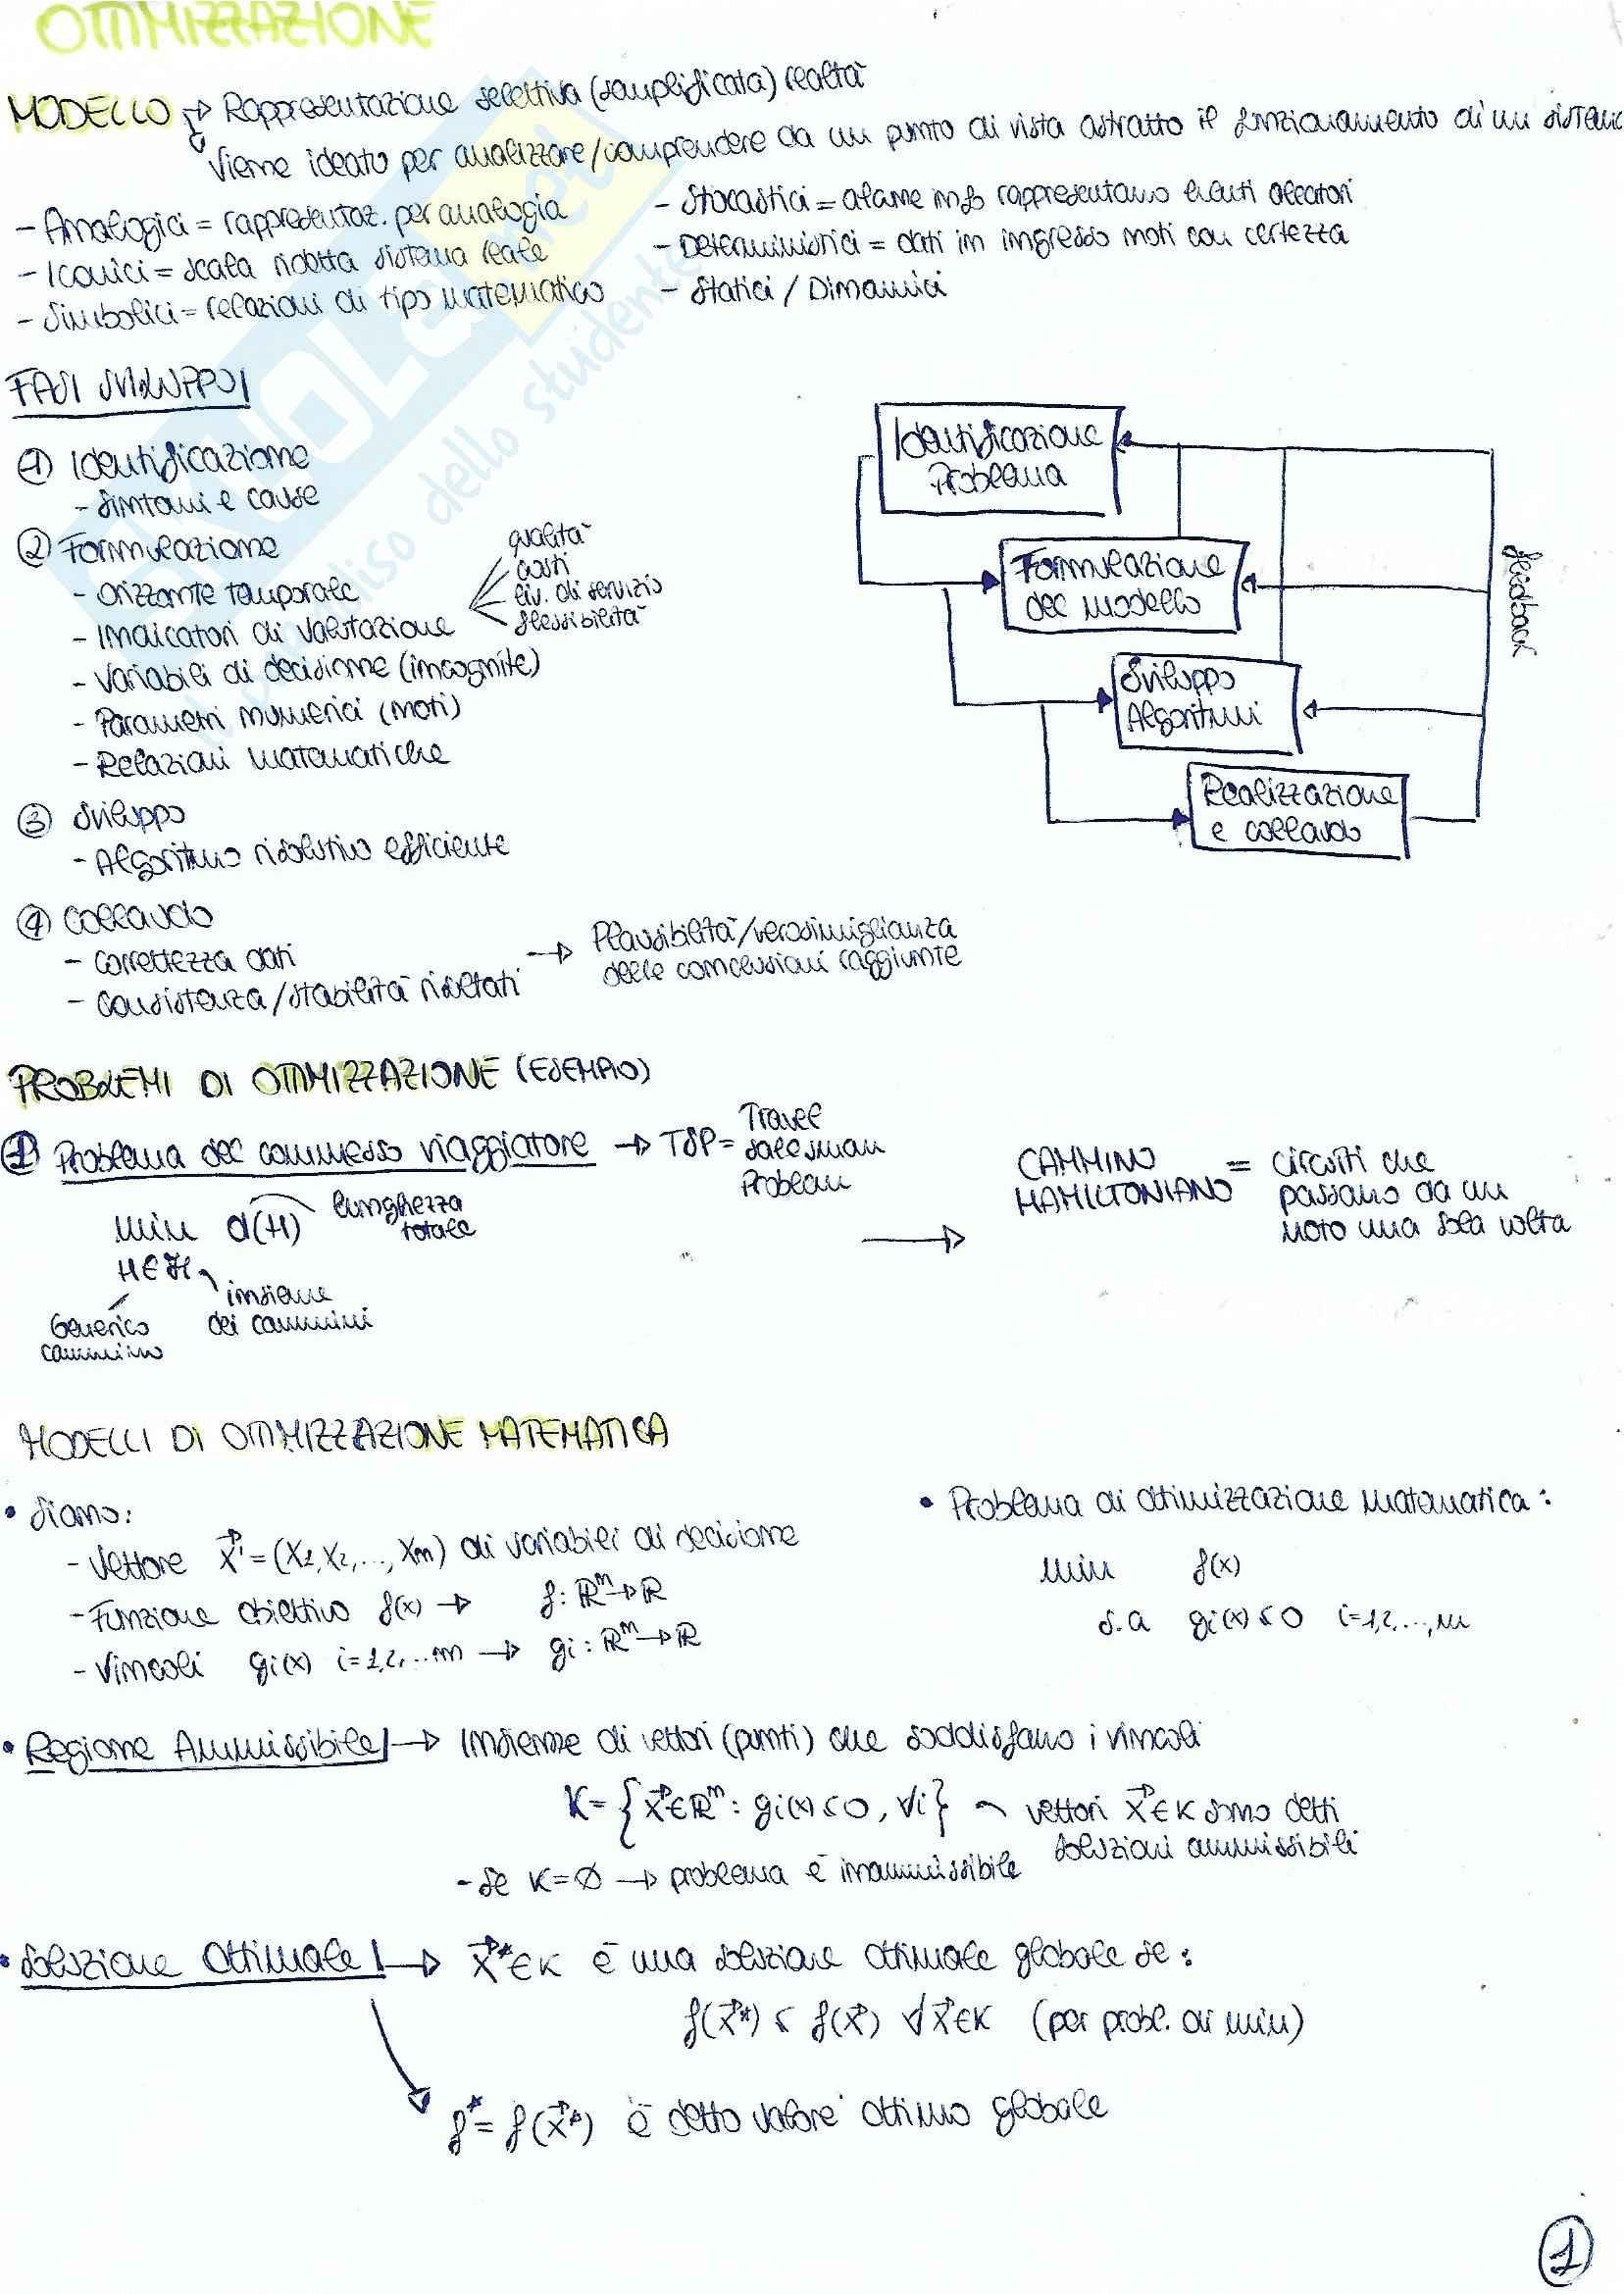 Appunti completi di Metodi di Ottimizzazione della Ricerca Operativa